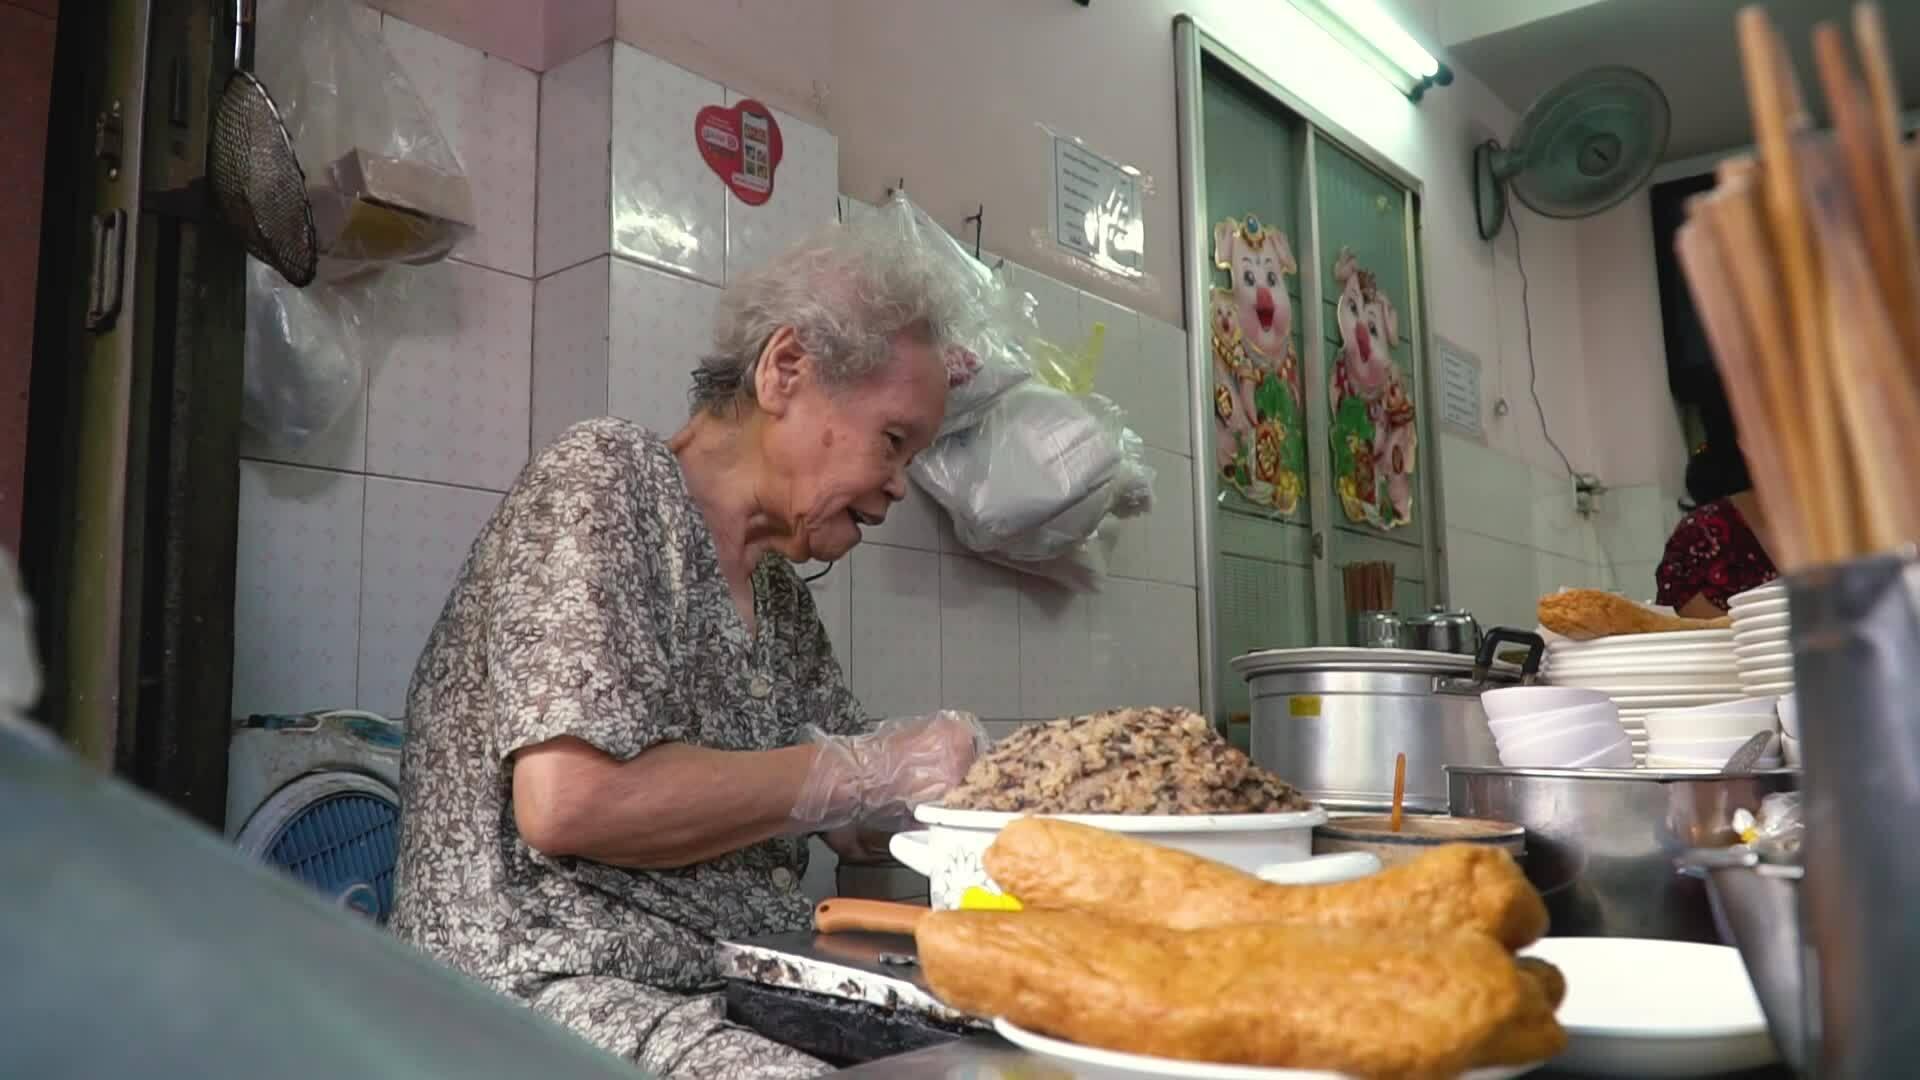 Cụ bà U90 bán bánh cuốn nóng ở chợ Bàn Cờ